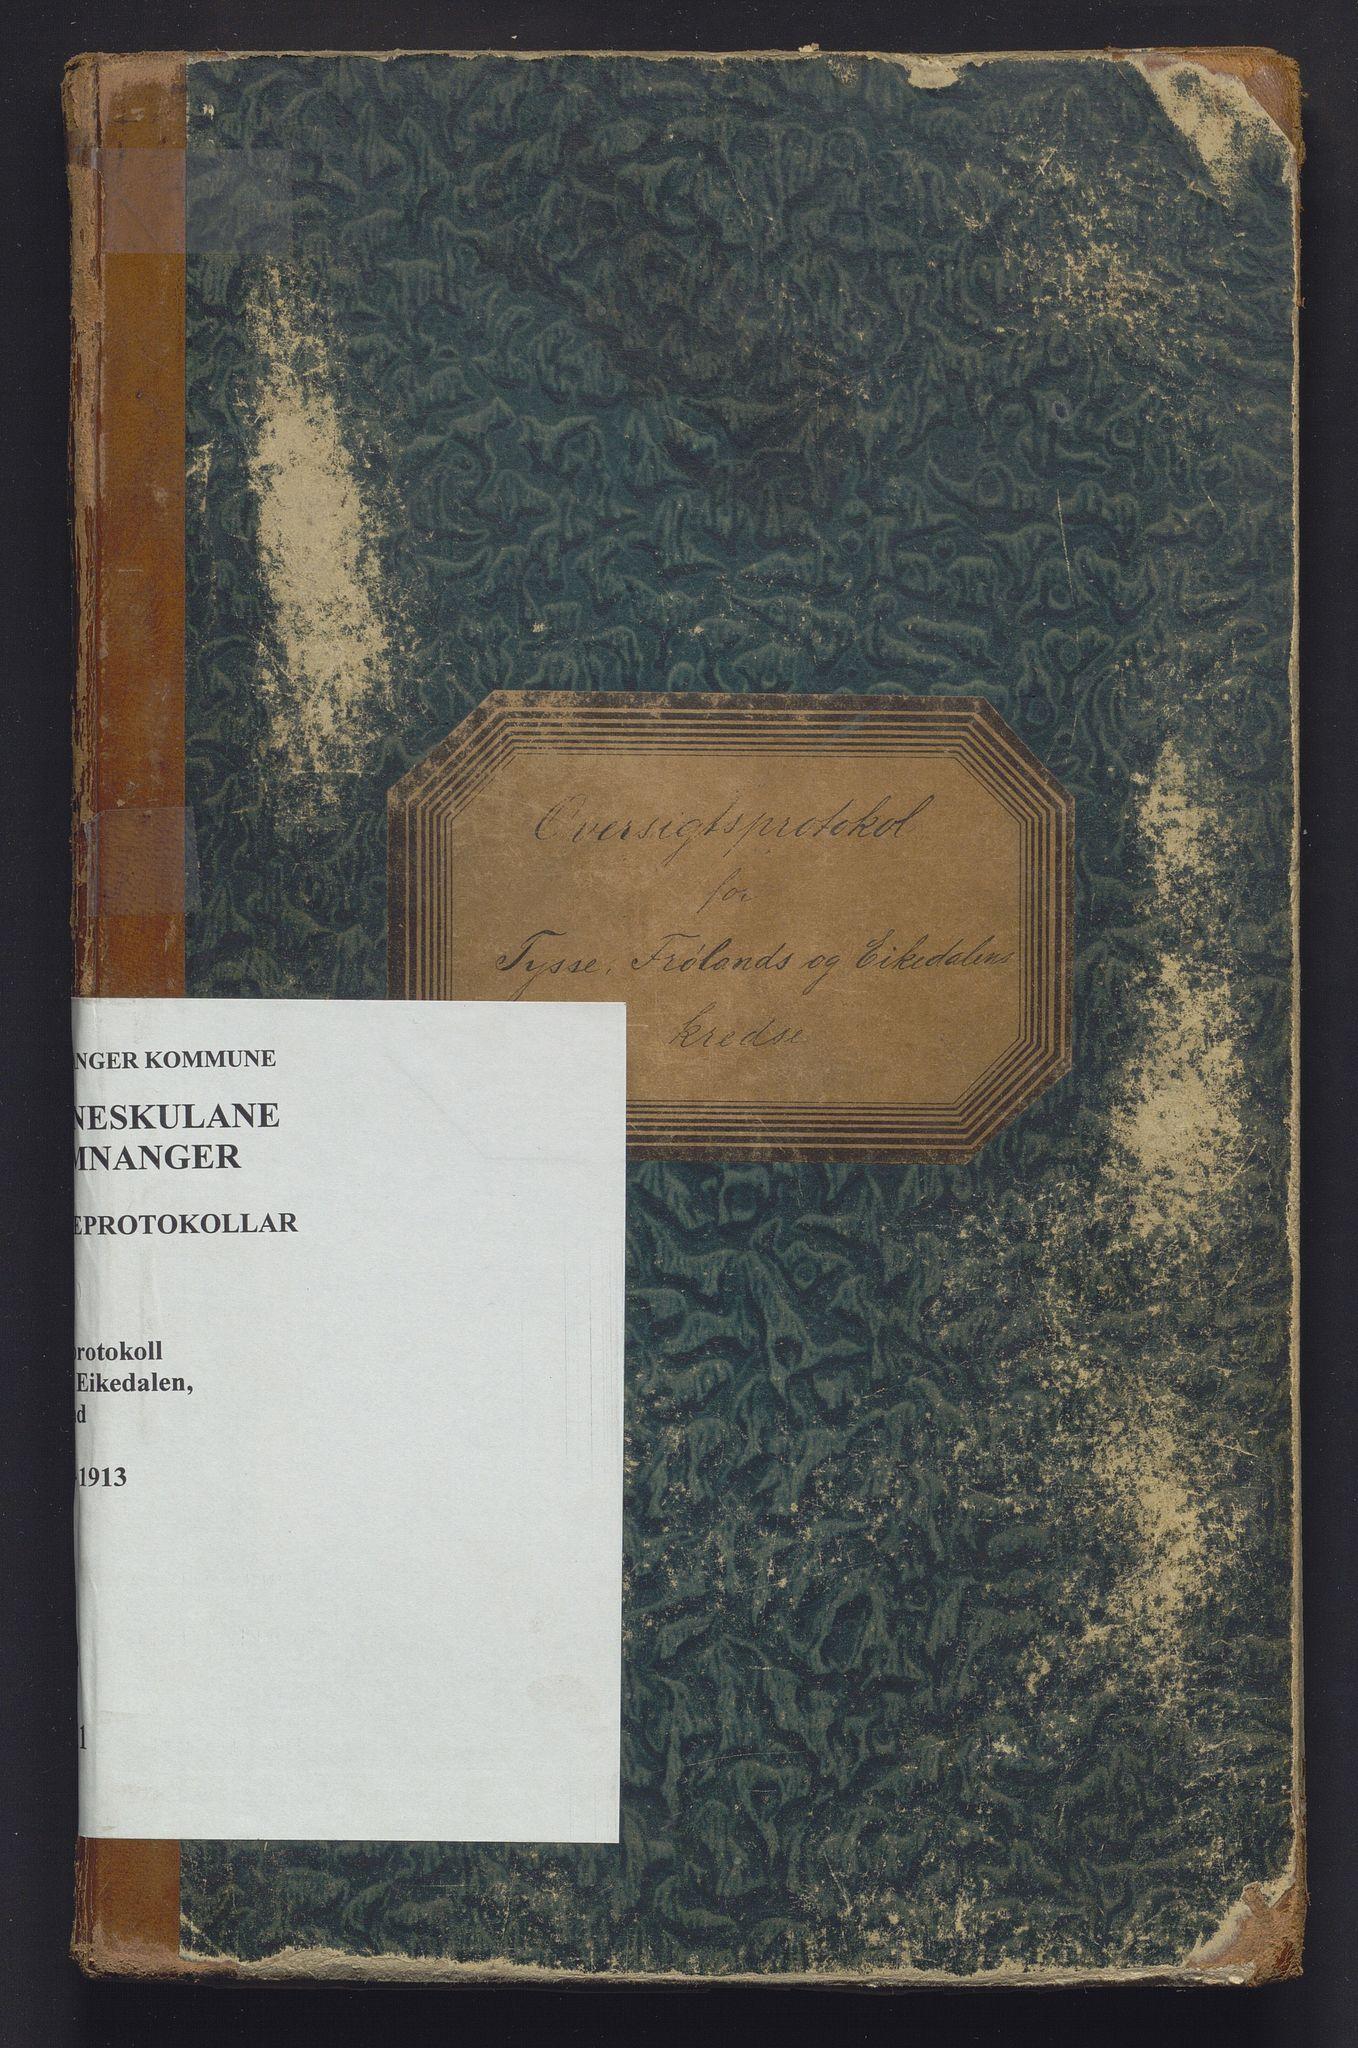 IKAH, Samnanger kommune. Barneskulane, F/Fa/L0011: Skuleprotokoll for læraren i Os prestegjeld, Samnanger sokn for krinsane, 1894-1913